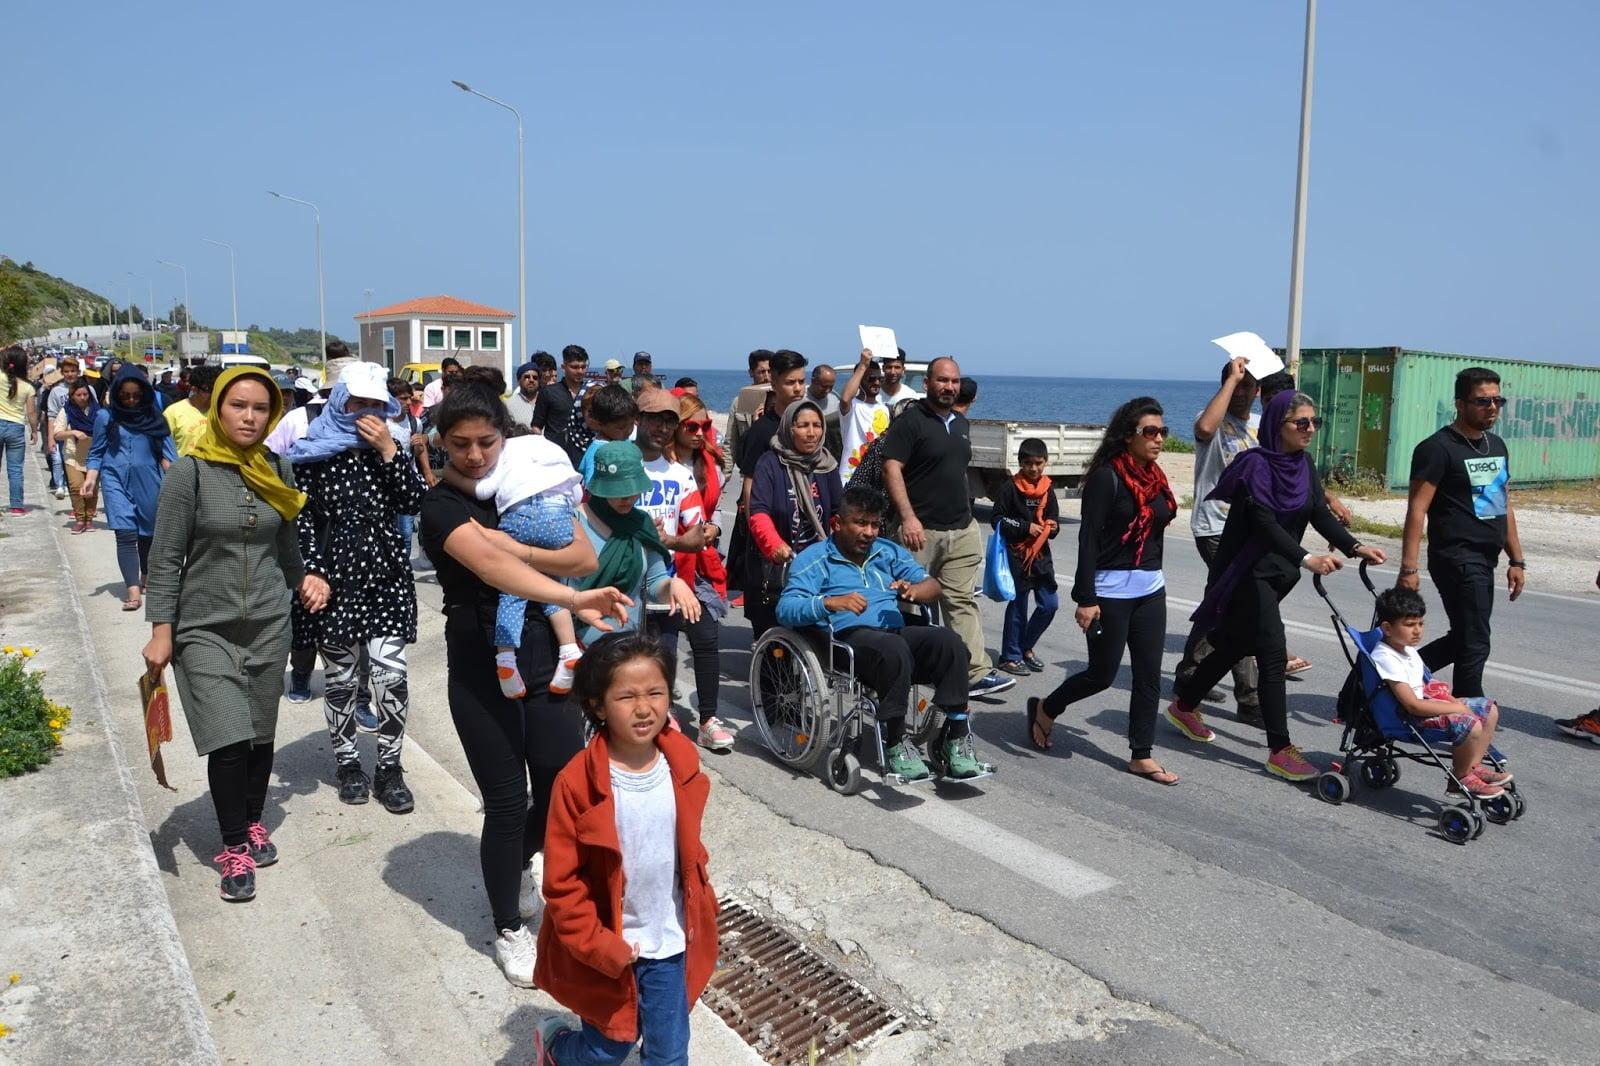 Συρία: Τουλάχιστον 25.000 άμαχοι εγκατέλειψαν την Ιντλίμπ για Τουρκία